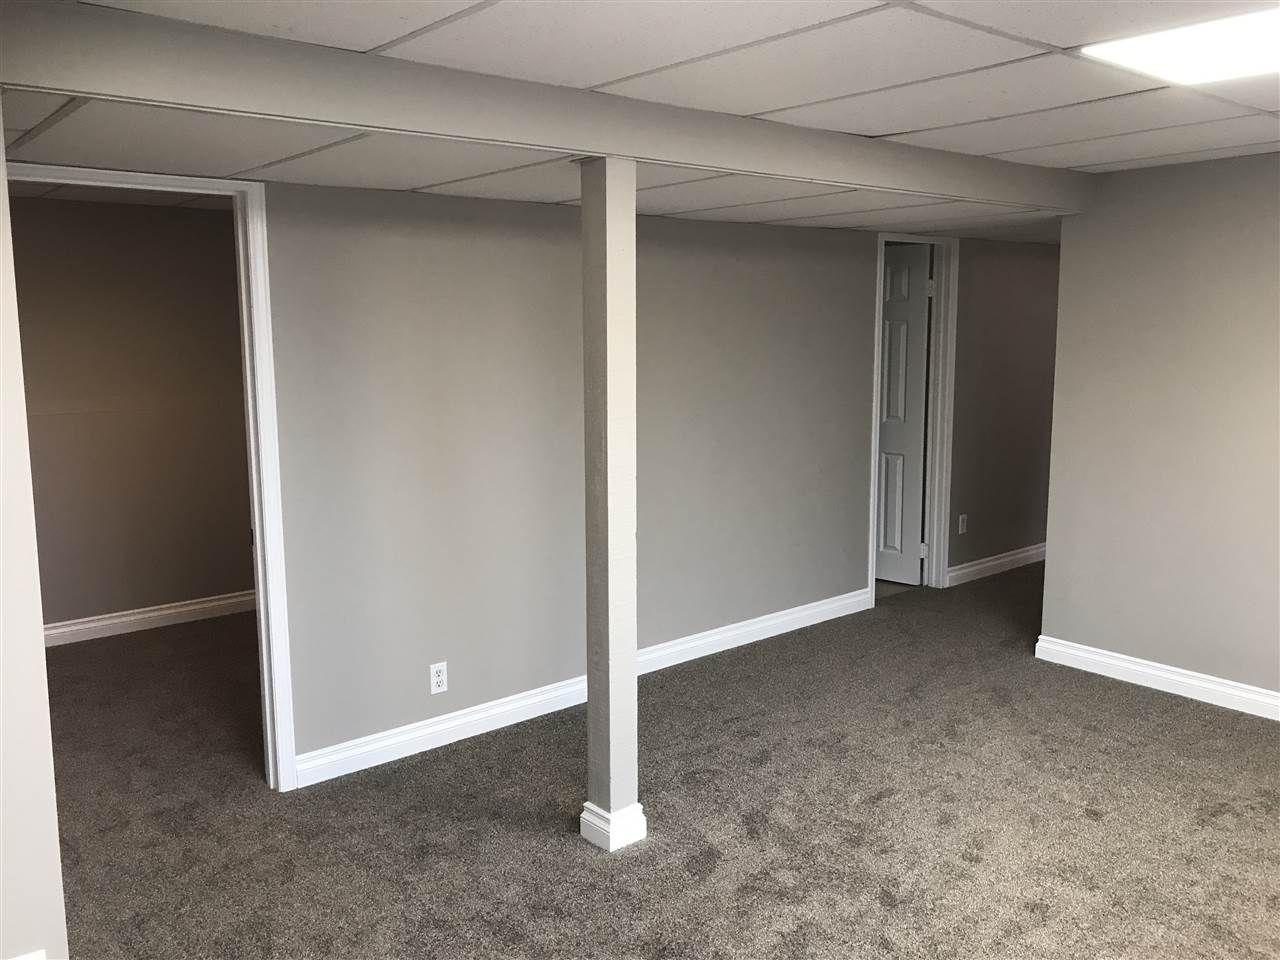 Photo 13: Photos: 9107 101 Avenue in Fort St. John: Fort St. John - City NE House for sale (Fort St. John (Zone 60))  : MLS®# R2465805